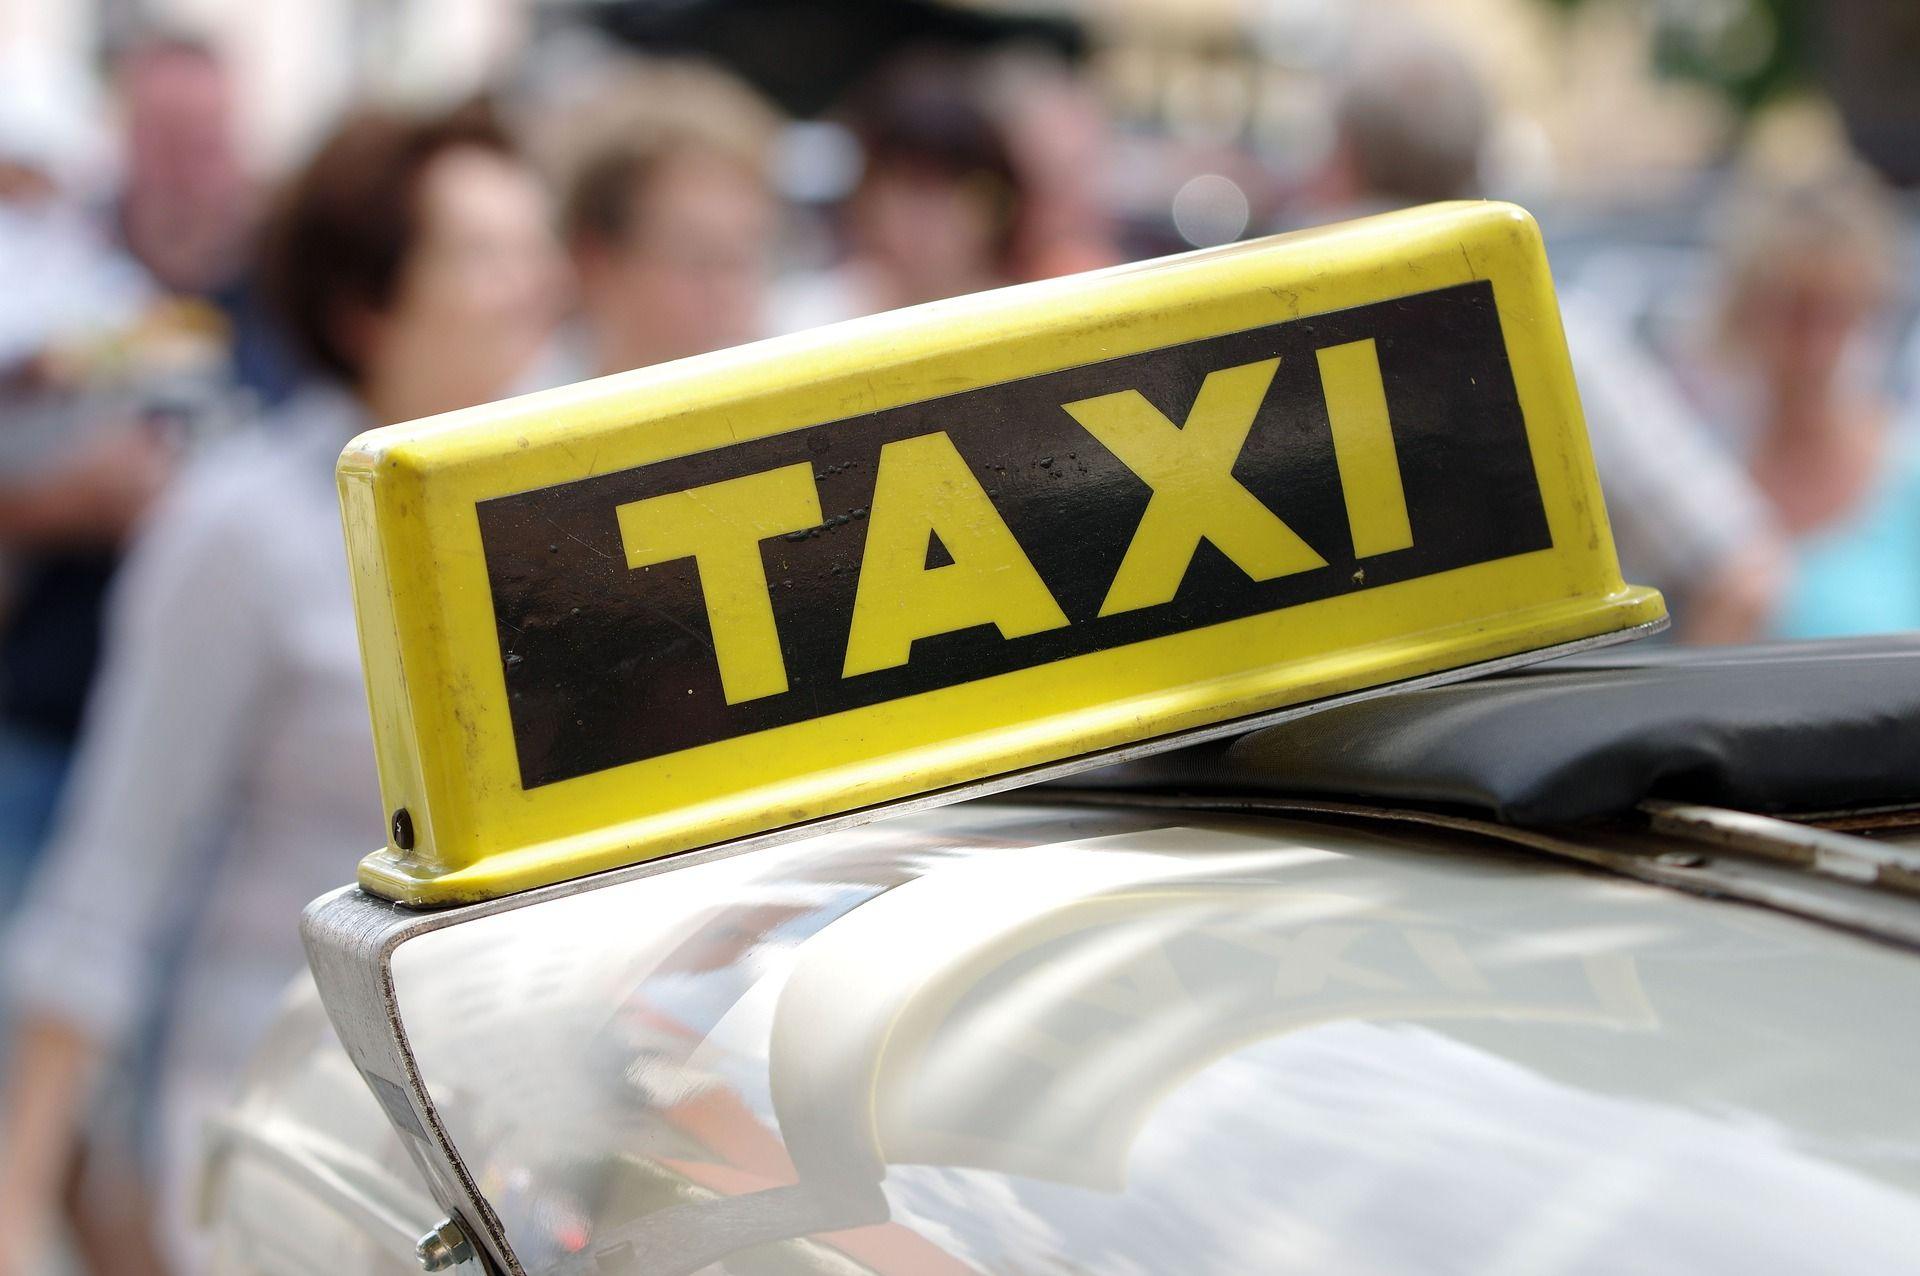 Из аэропорта Алматы за 33 тысячи тенге: таксист вернул деньги иностранцу